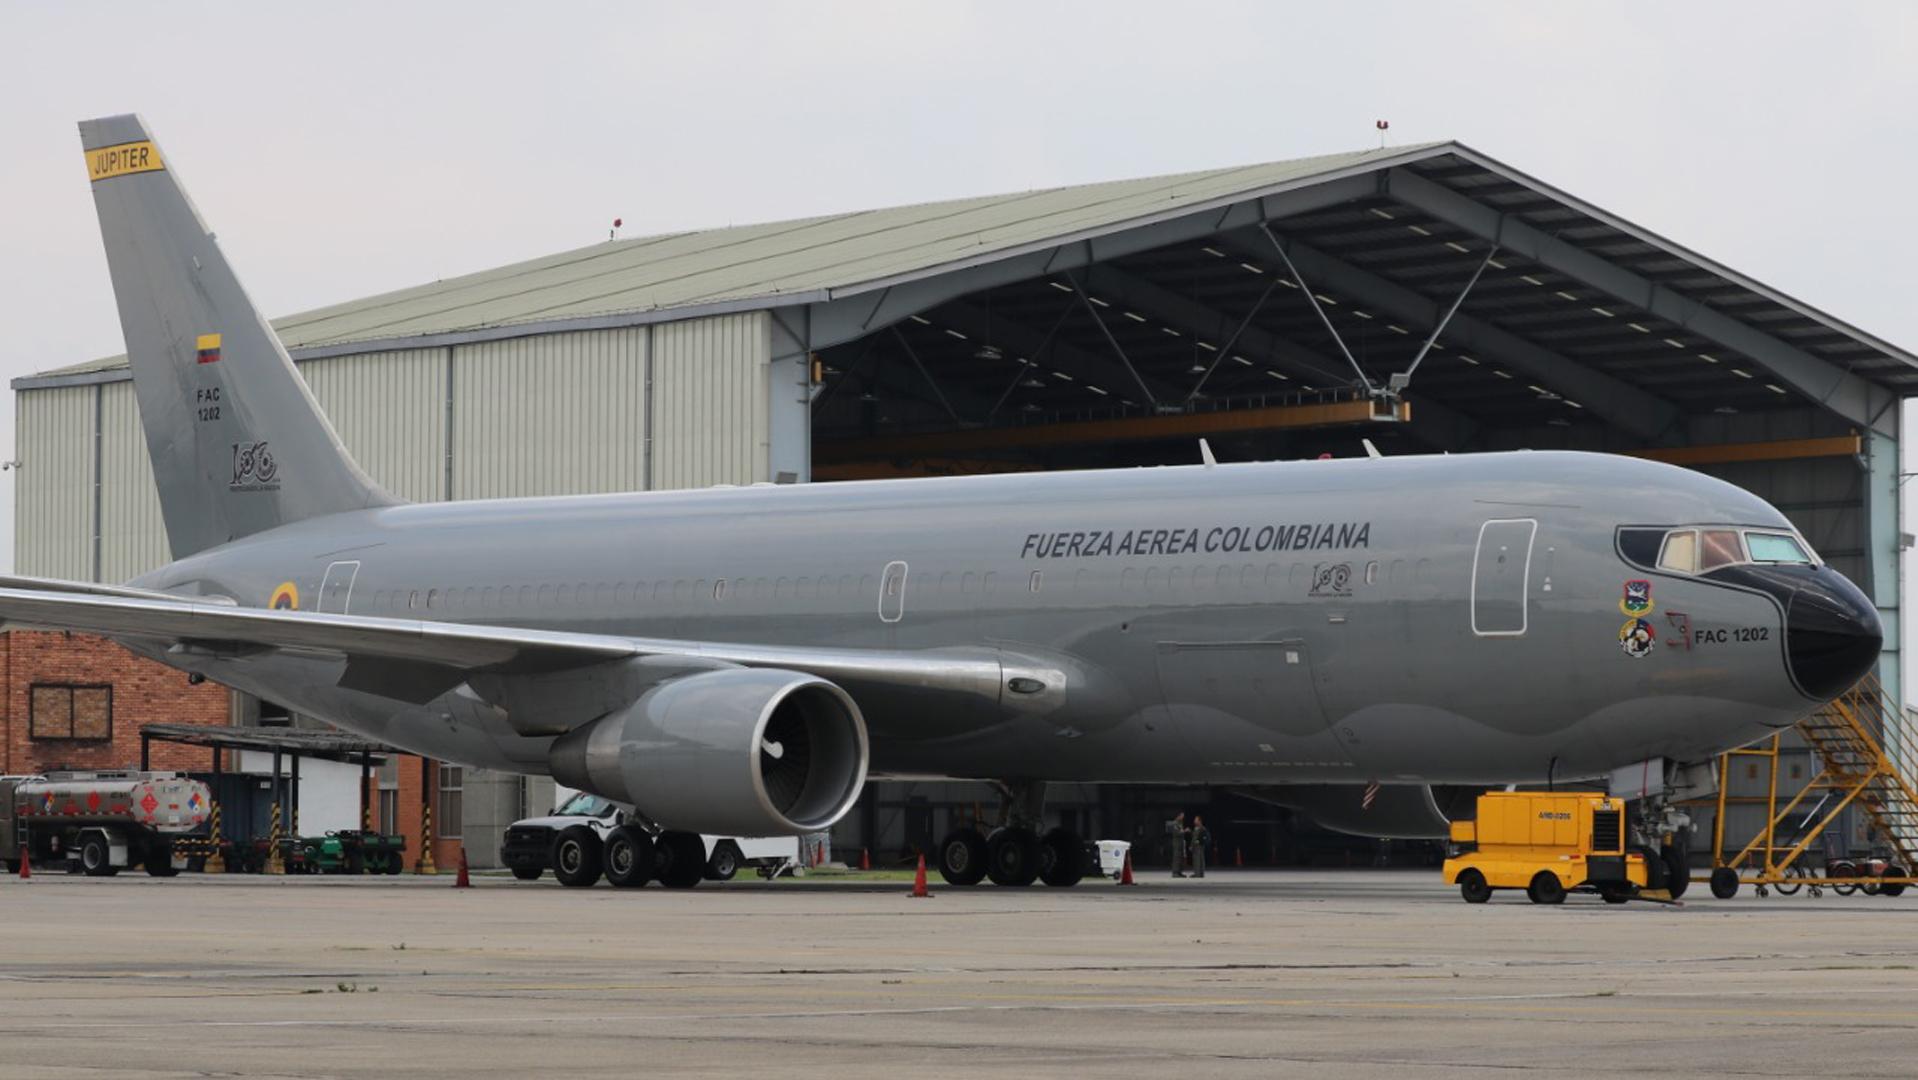 El avión FAC-1202 Boeing 767 Júpiter que emprendió el vuelo.